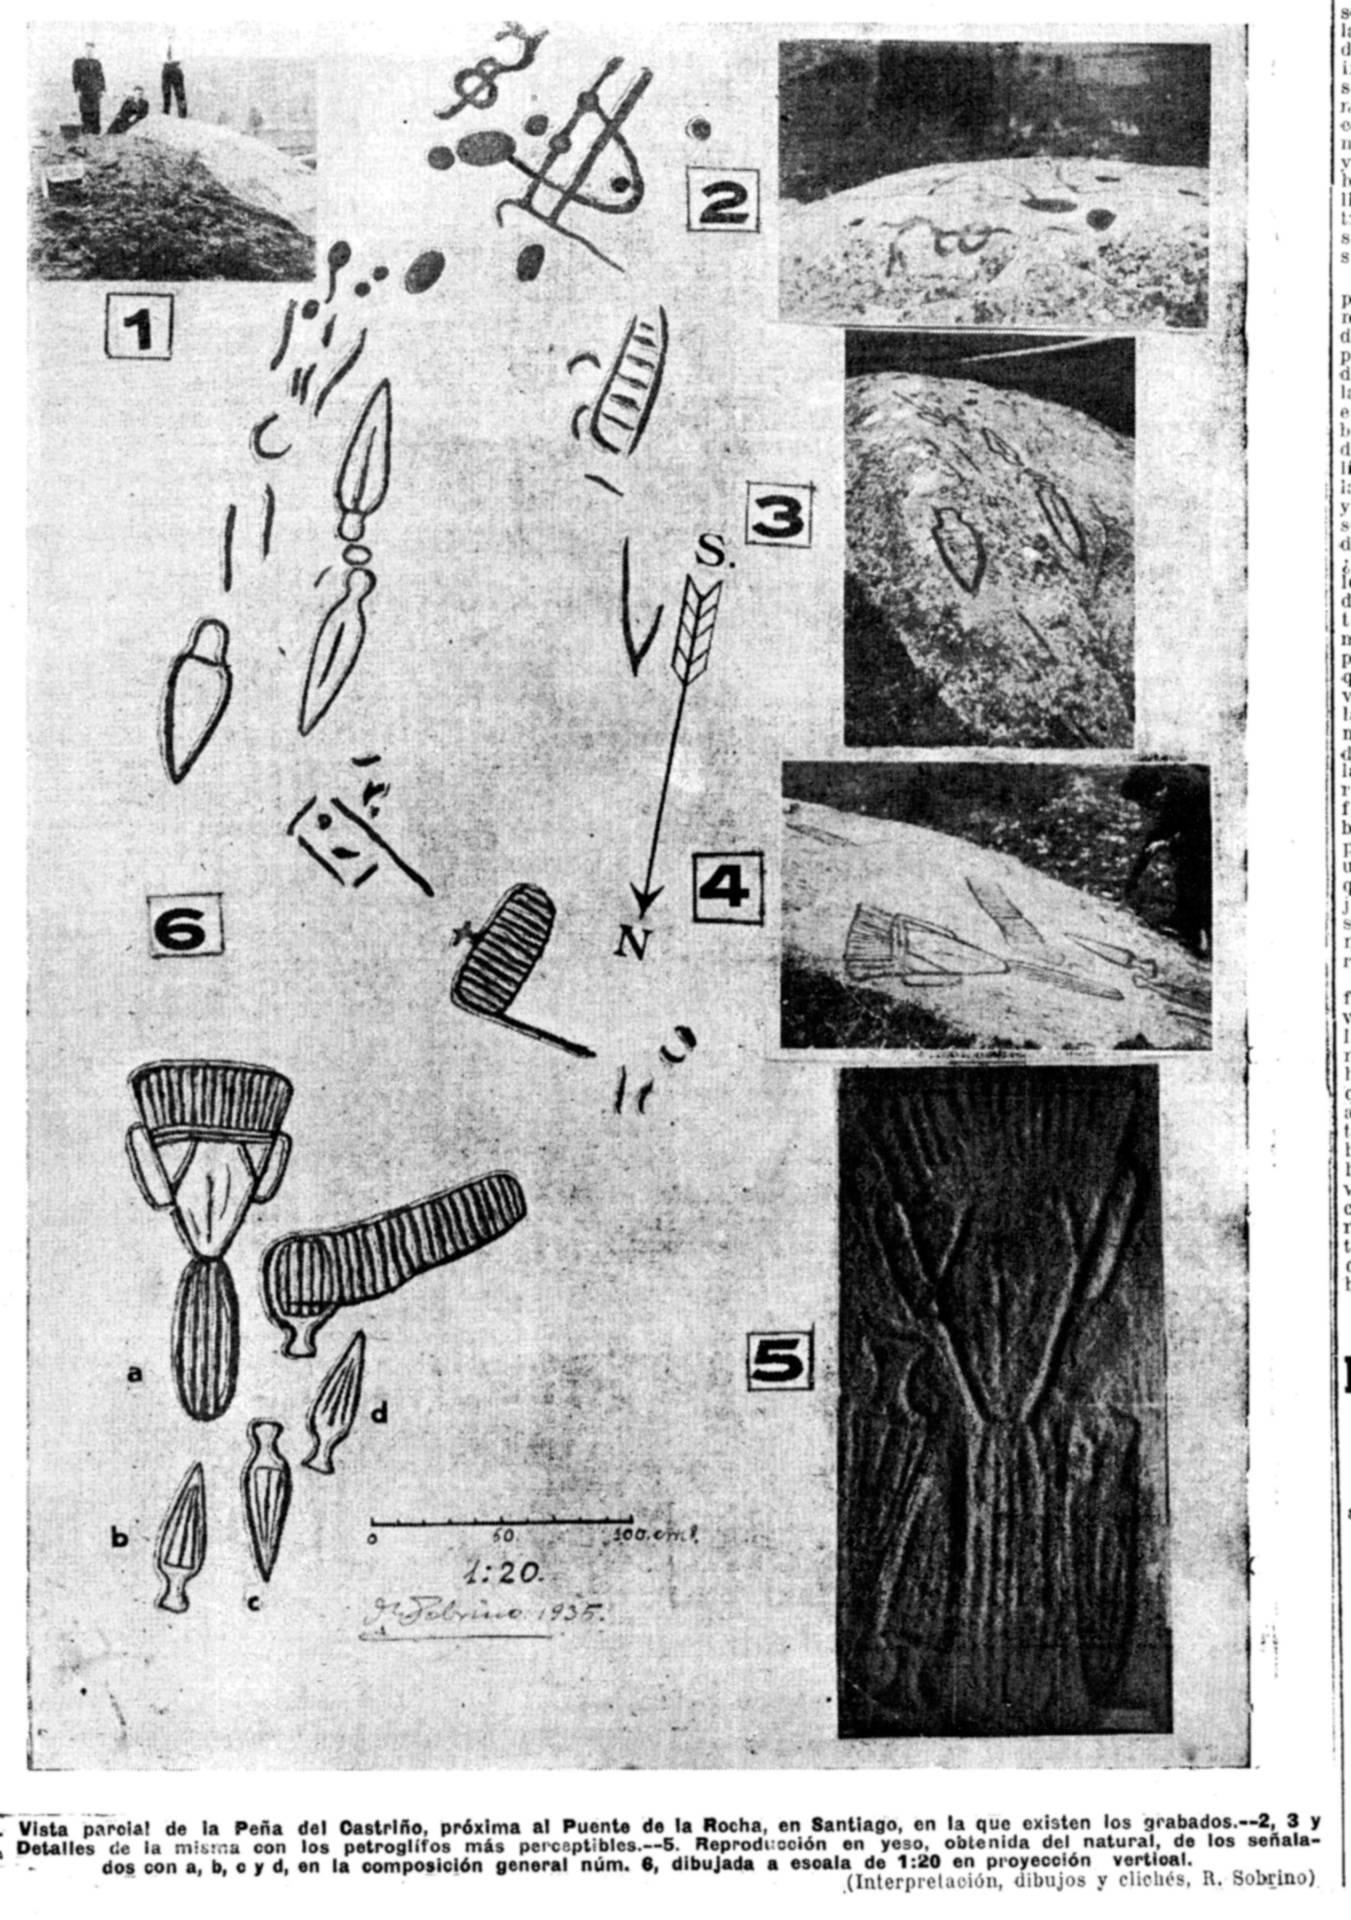 Descuberta do petróglifo de Conxo. Faro de Vivo 1 de agosto de 1935.